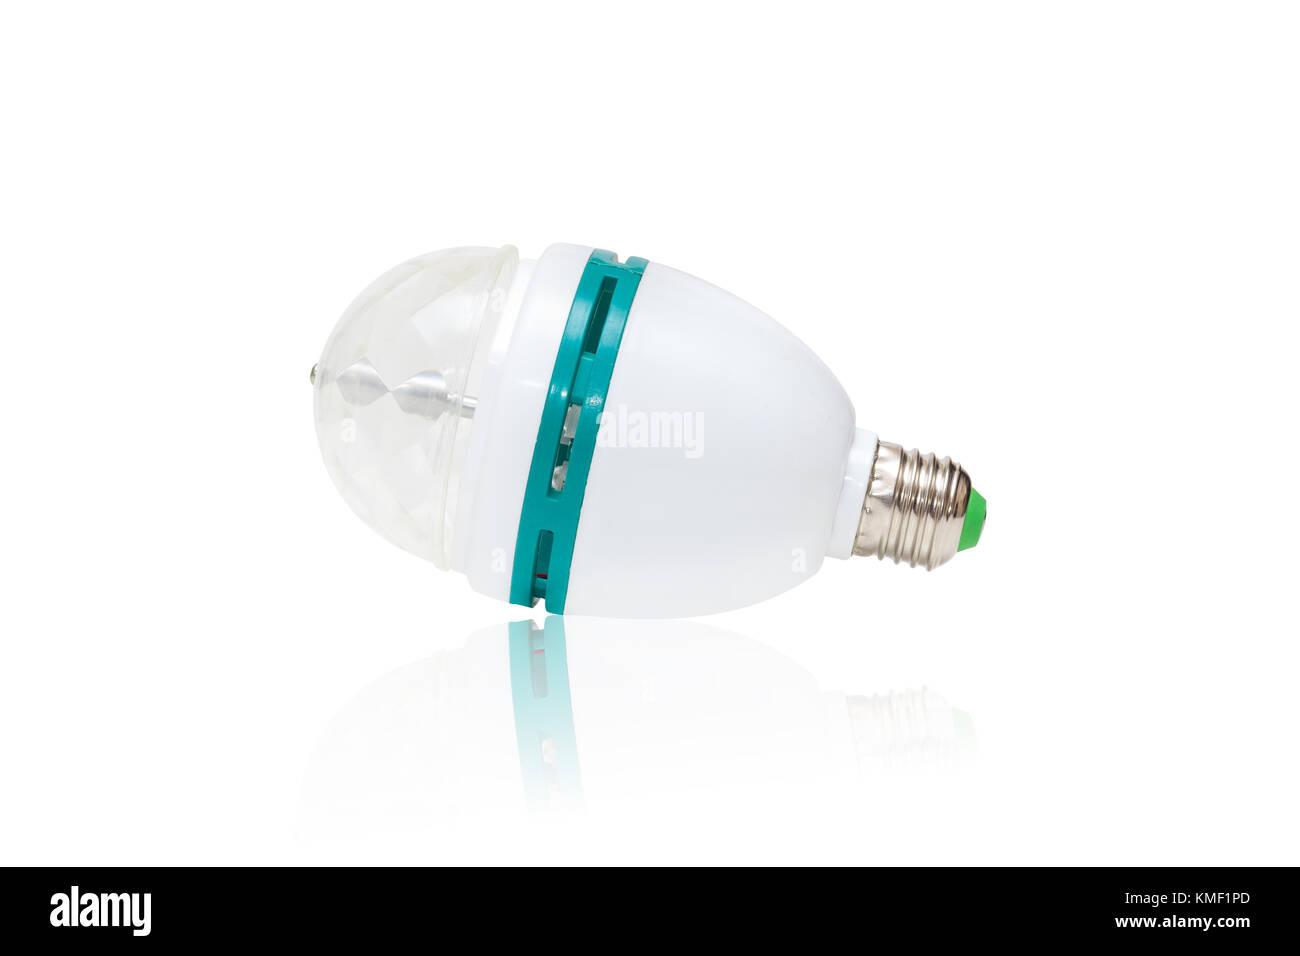 Bunte Auto Drehen RGB LED Lampe Auf Weißem Hintergrund Mit Reflexion  Isoliert